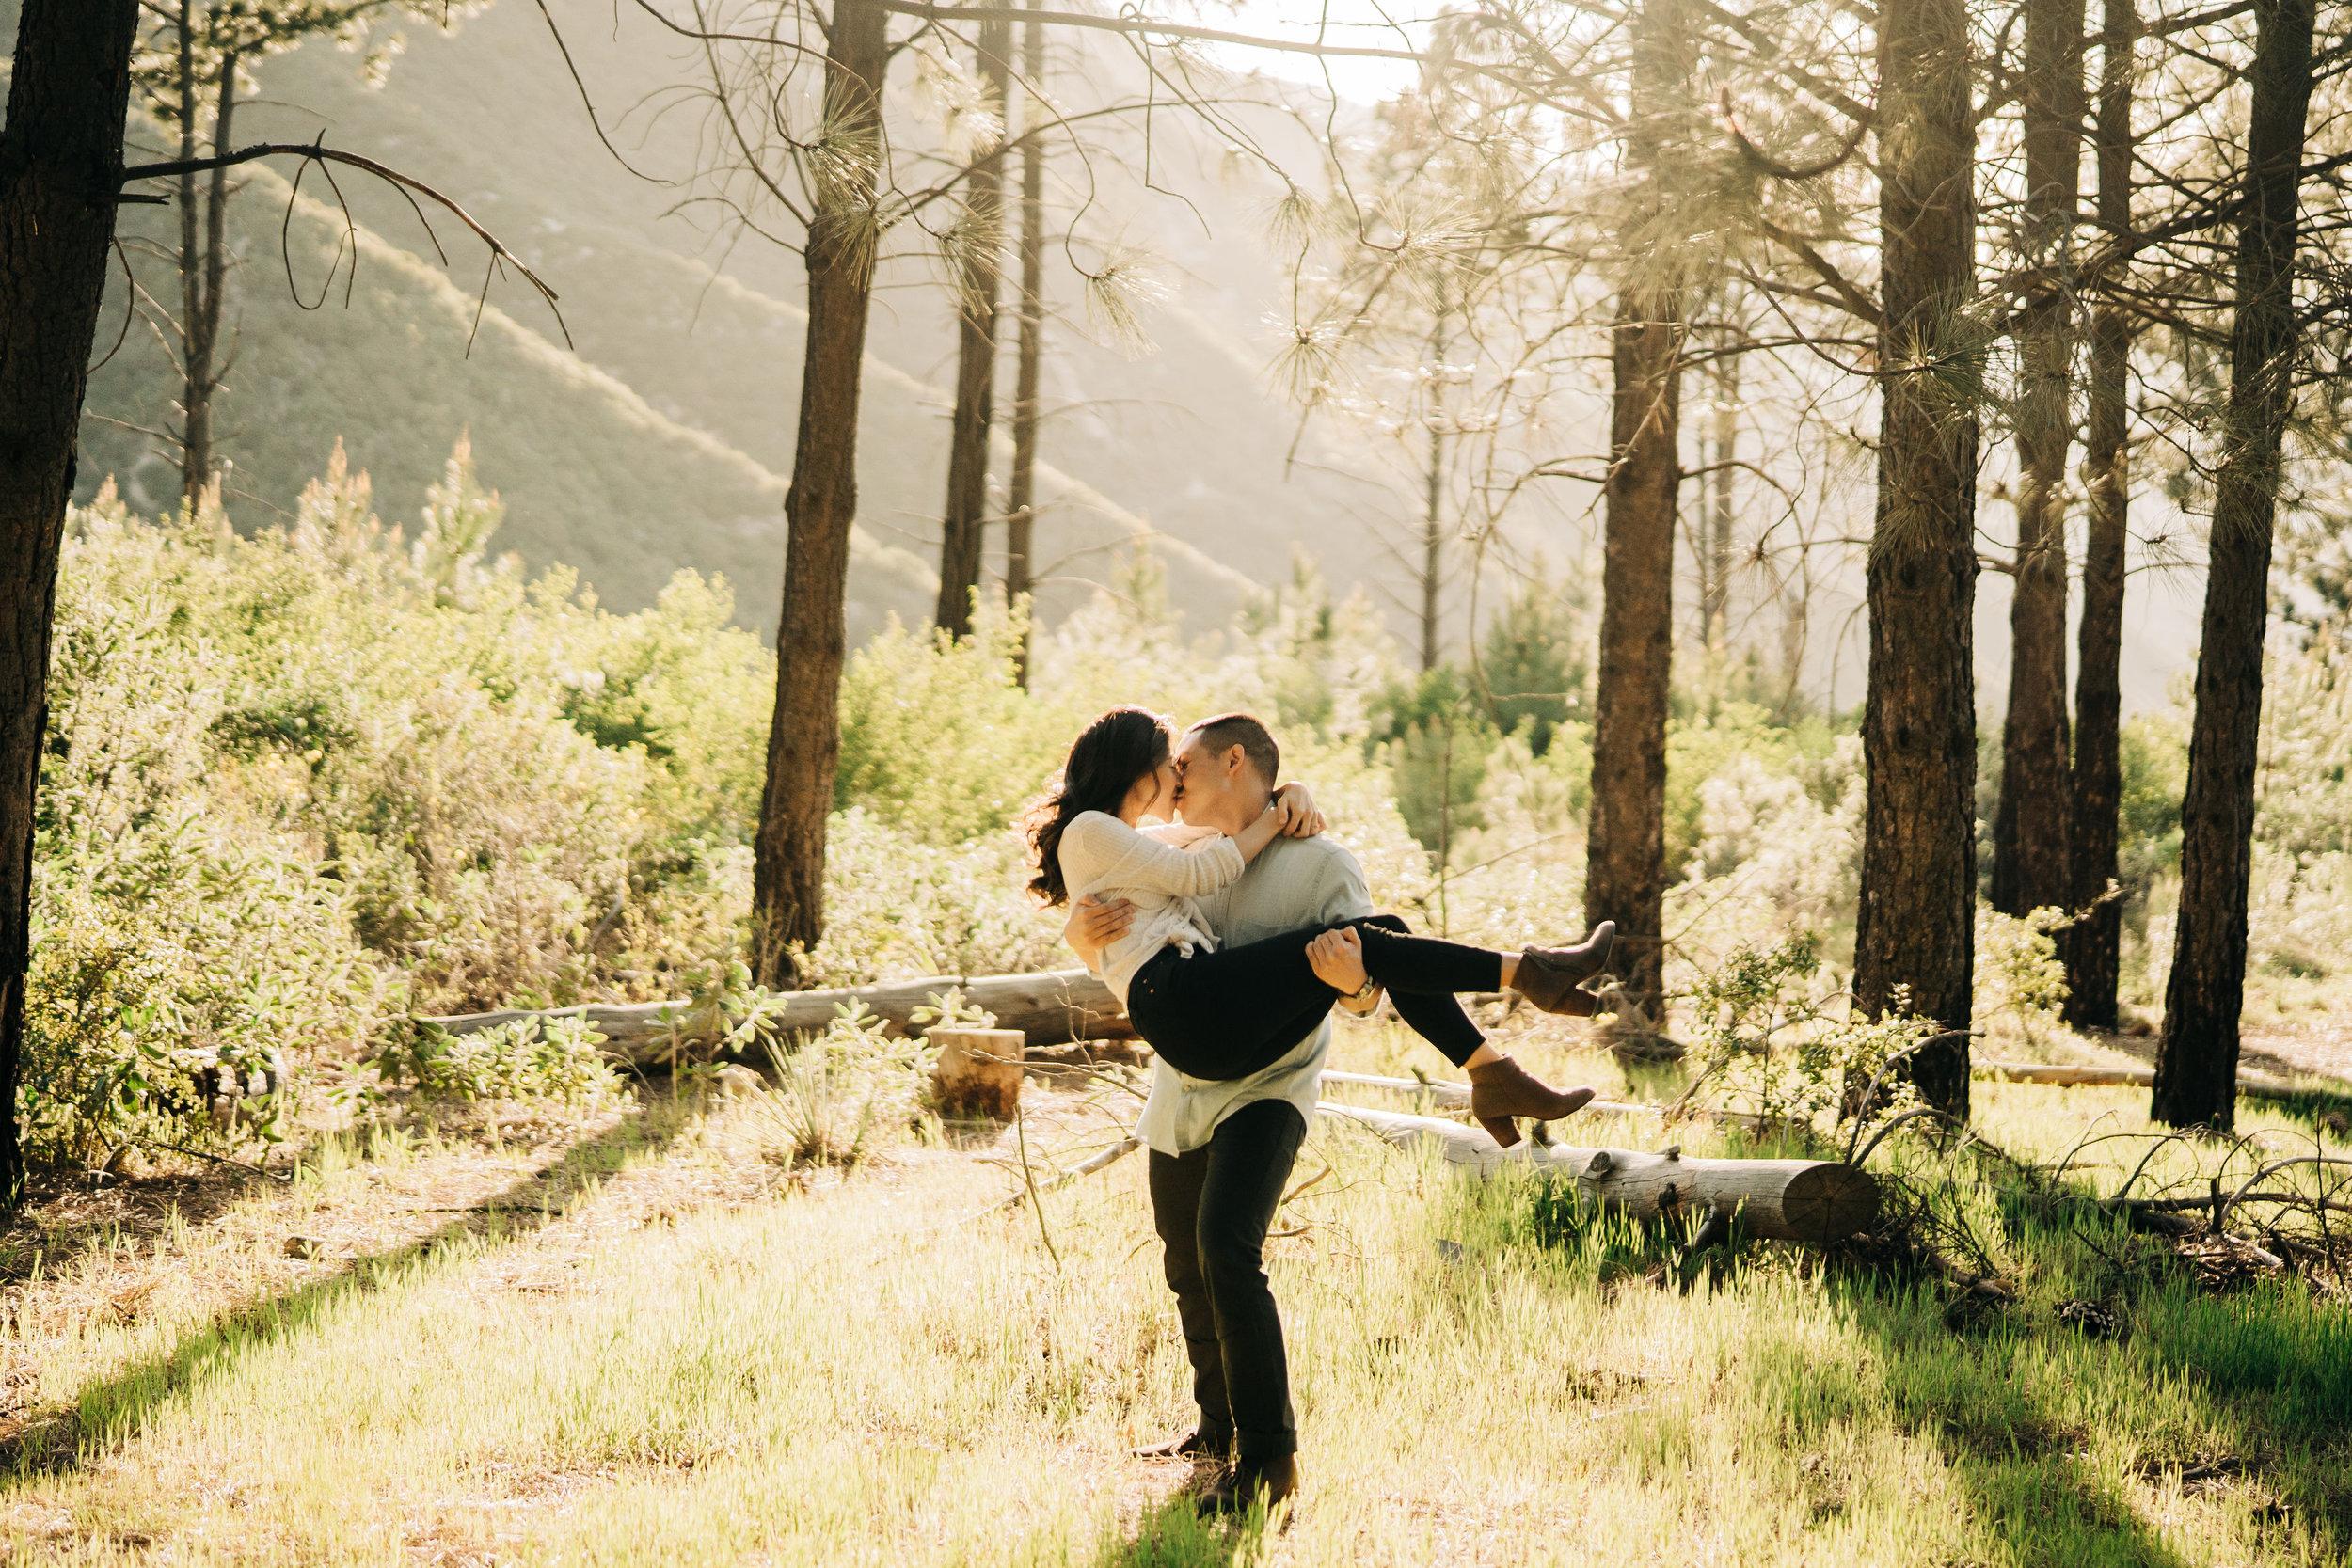 la-forest-engagement-photos-052.jpg